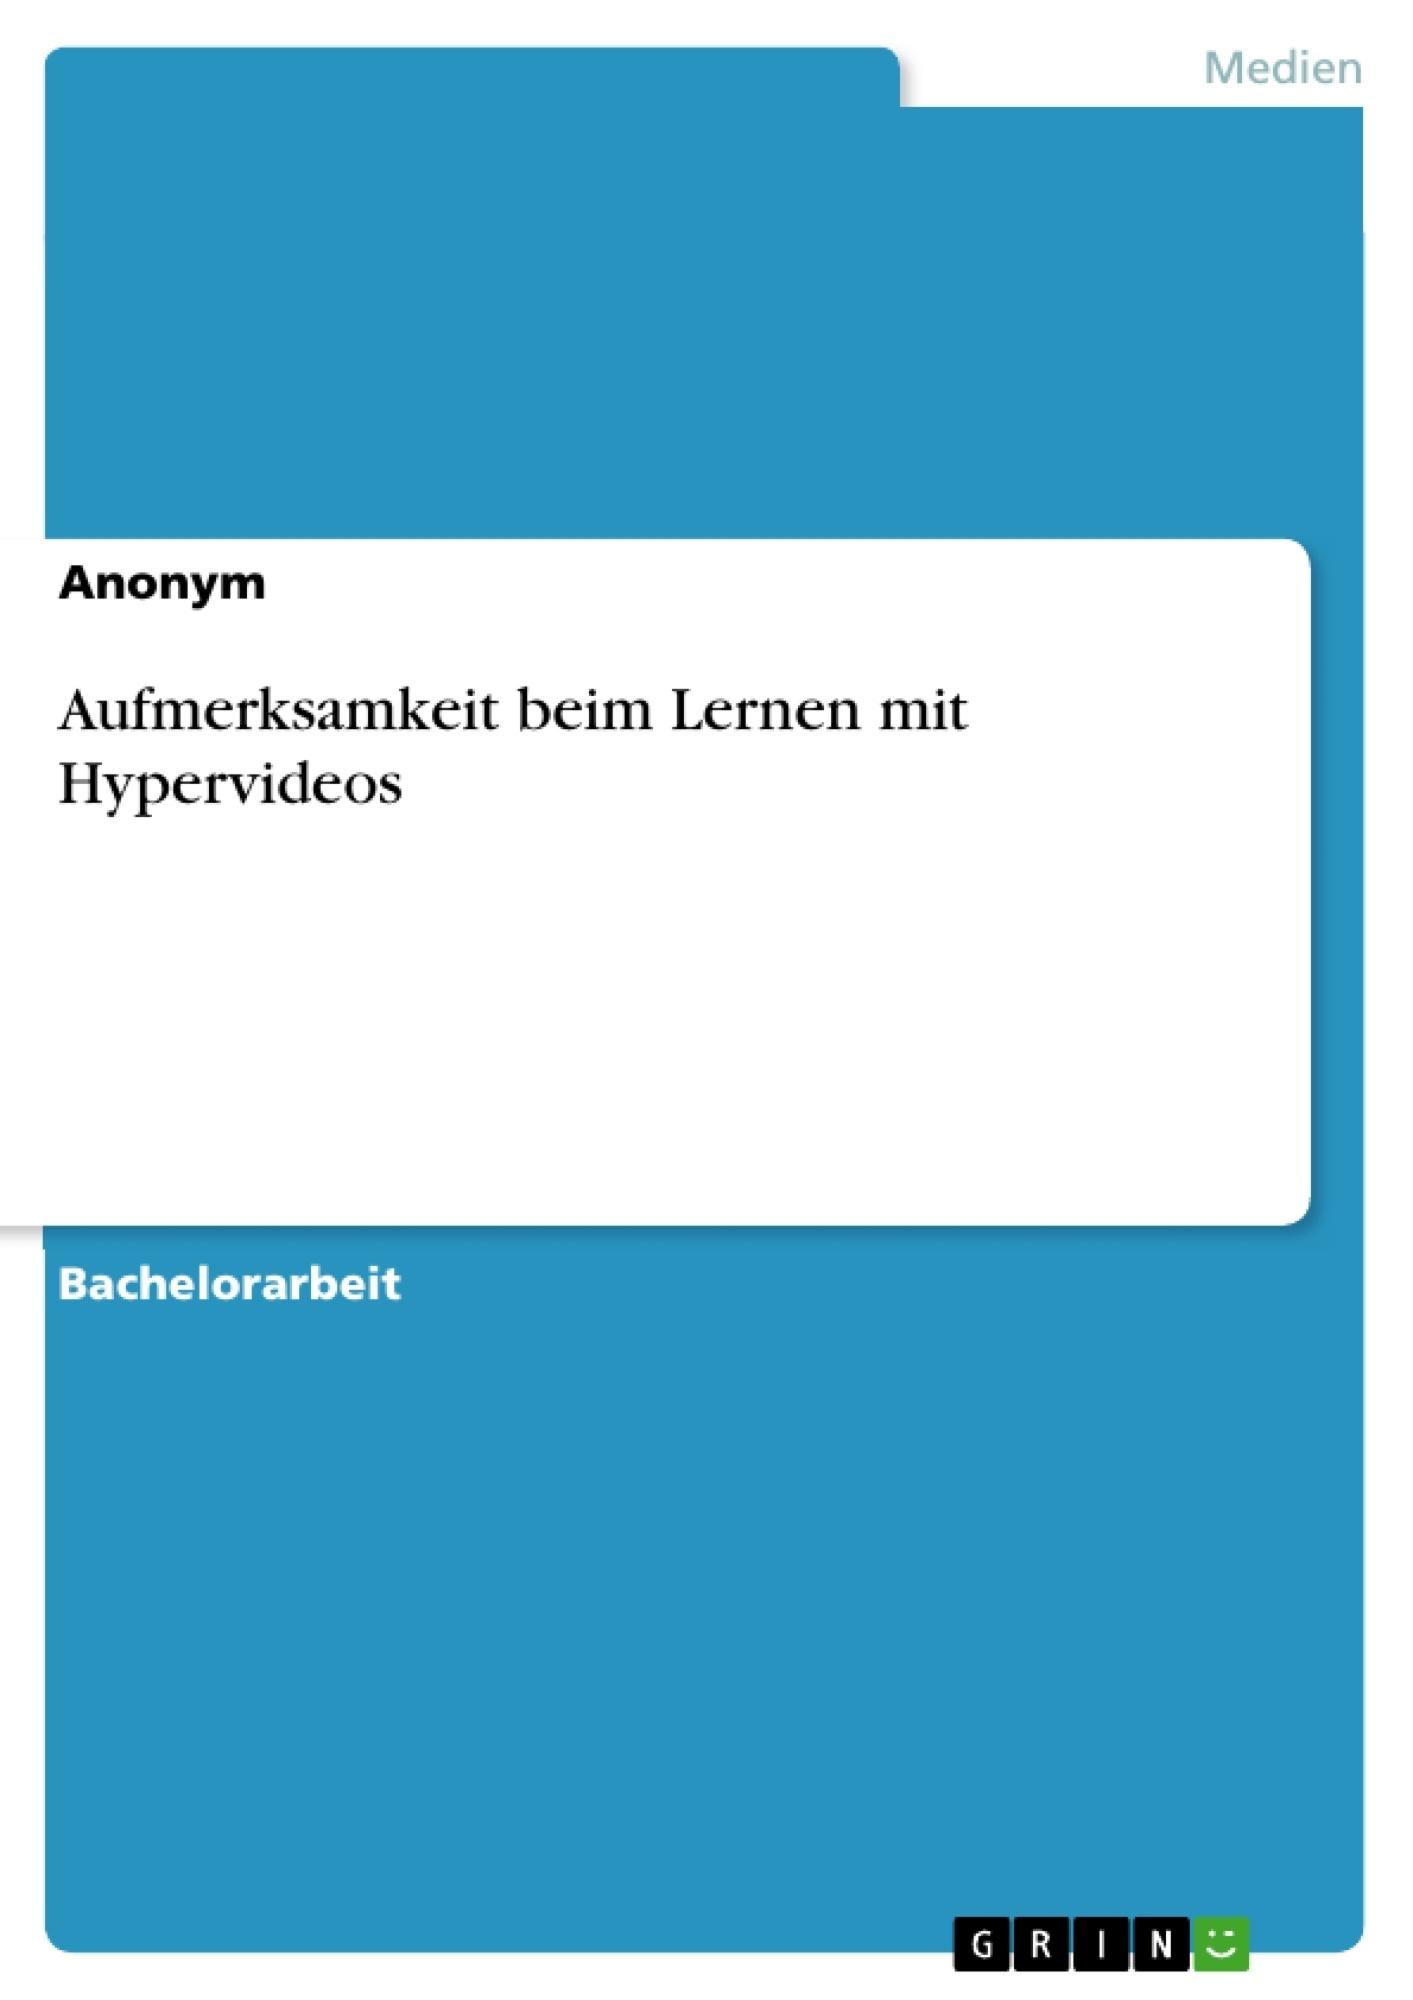 Titel: Aufmerksamkeit beim Lernen mit Hypervideos